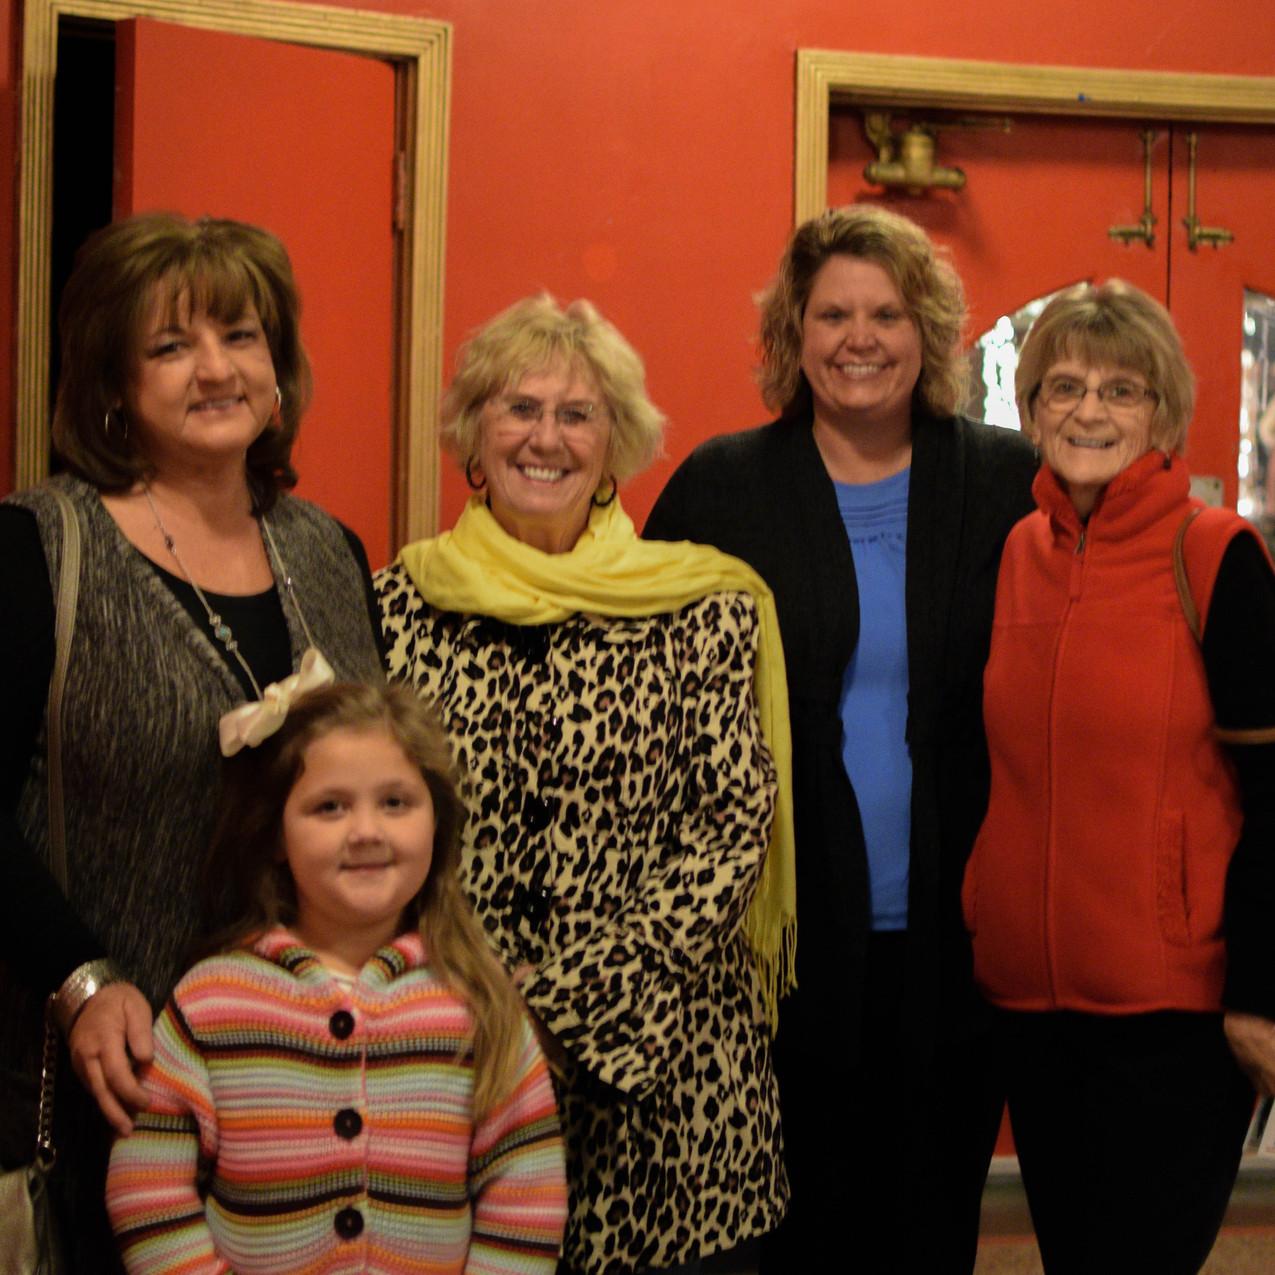 CarolJarmin,BaileySinks,BeckyAldridge,HeatherHoward,BettyLobdell